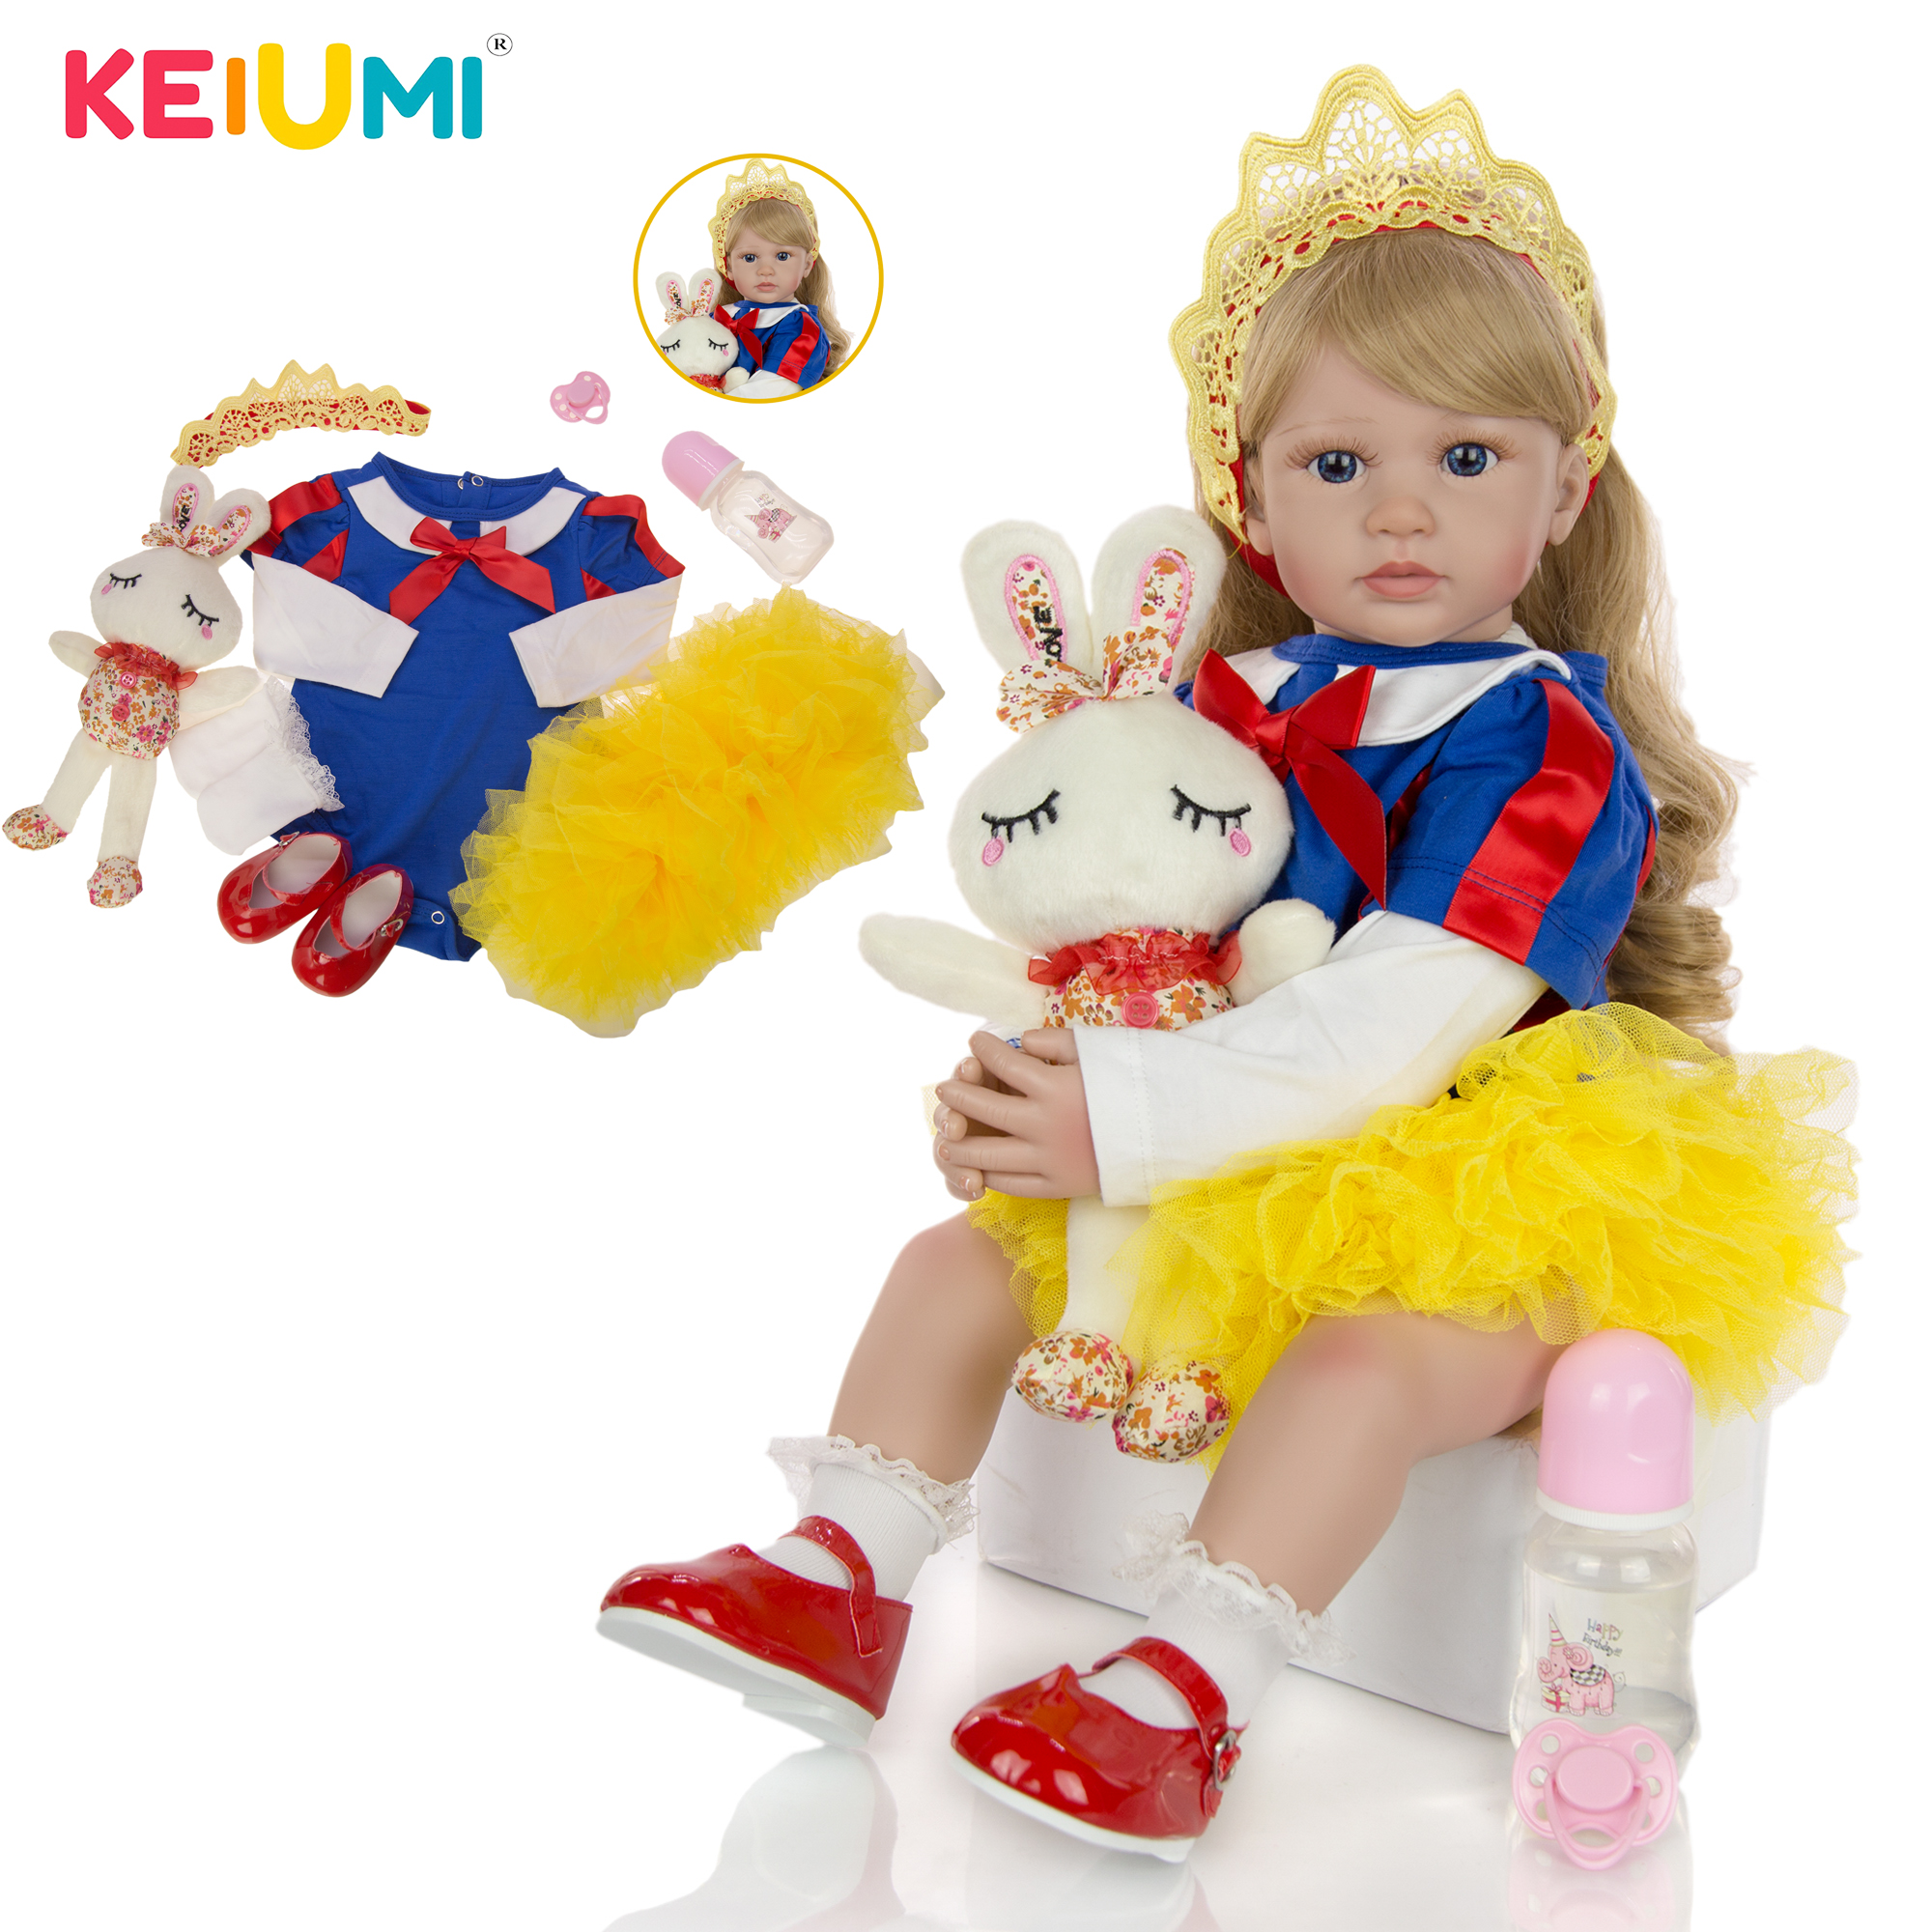 Keiumi reborn menina boneca 60 cm silicone macio algodão corpo adorável renascer princesa bebê bonecas longo cachos de ouro para presentes das crianças